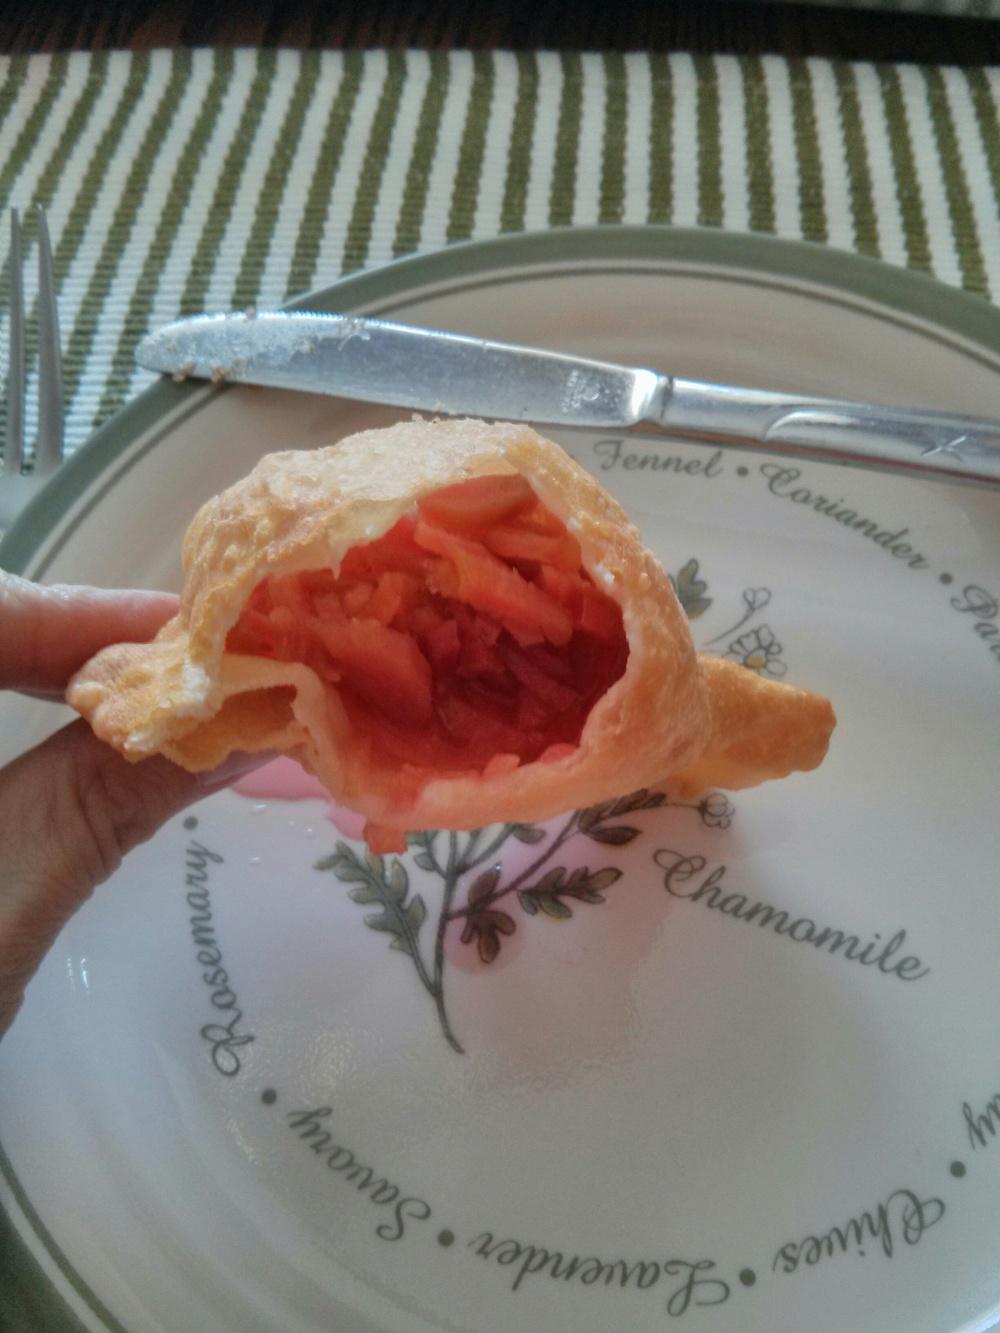 Rhubarb Rollkuchen... YUM!